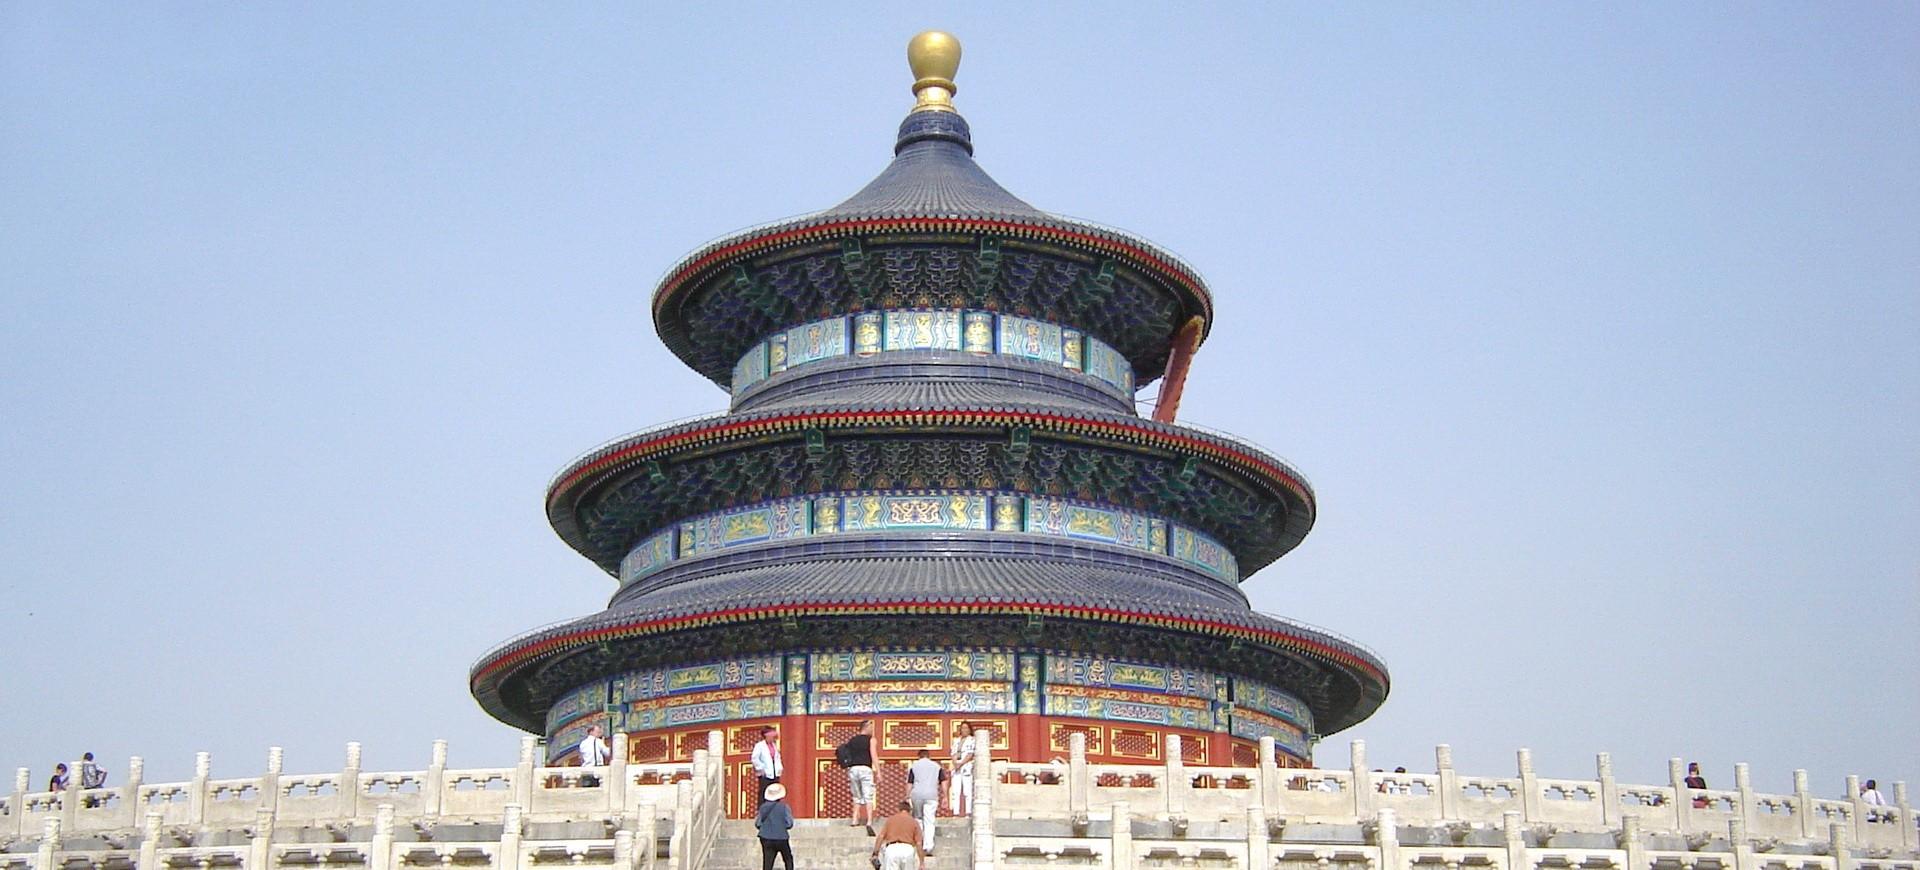 Chine Pékin Temple du Ciel